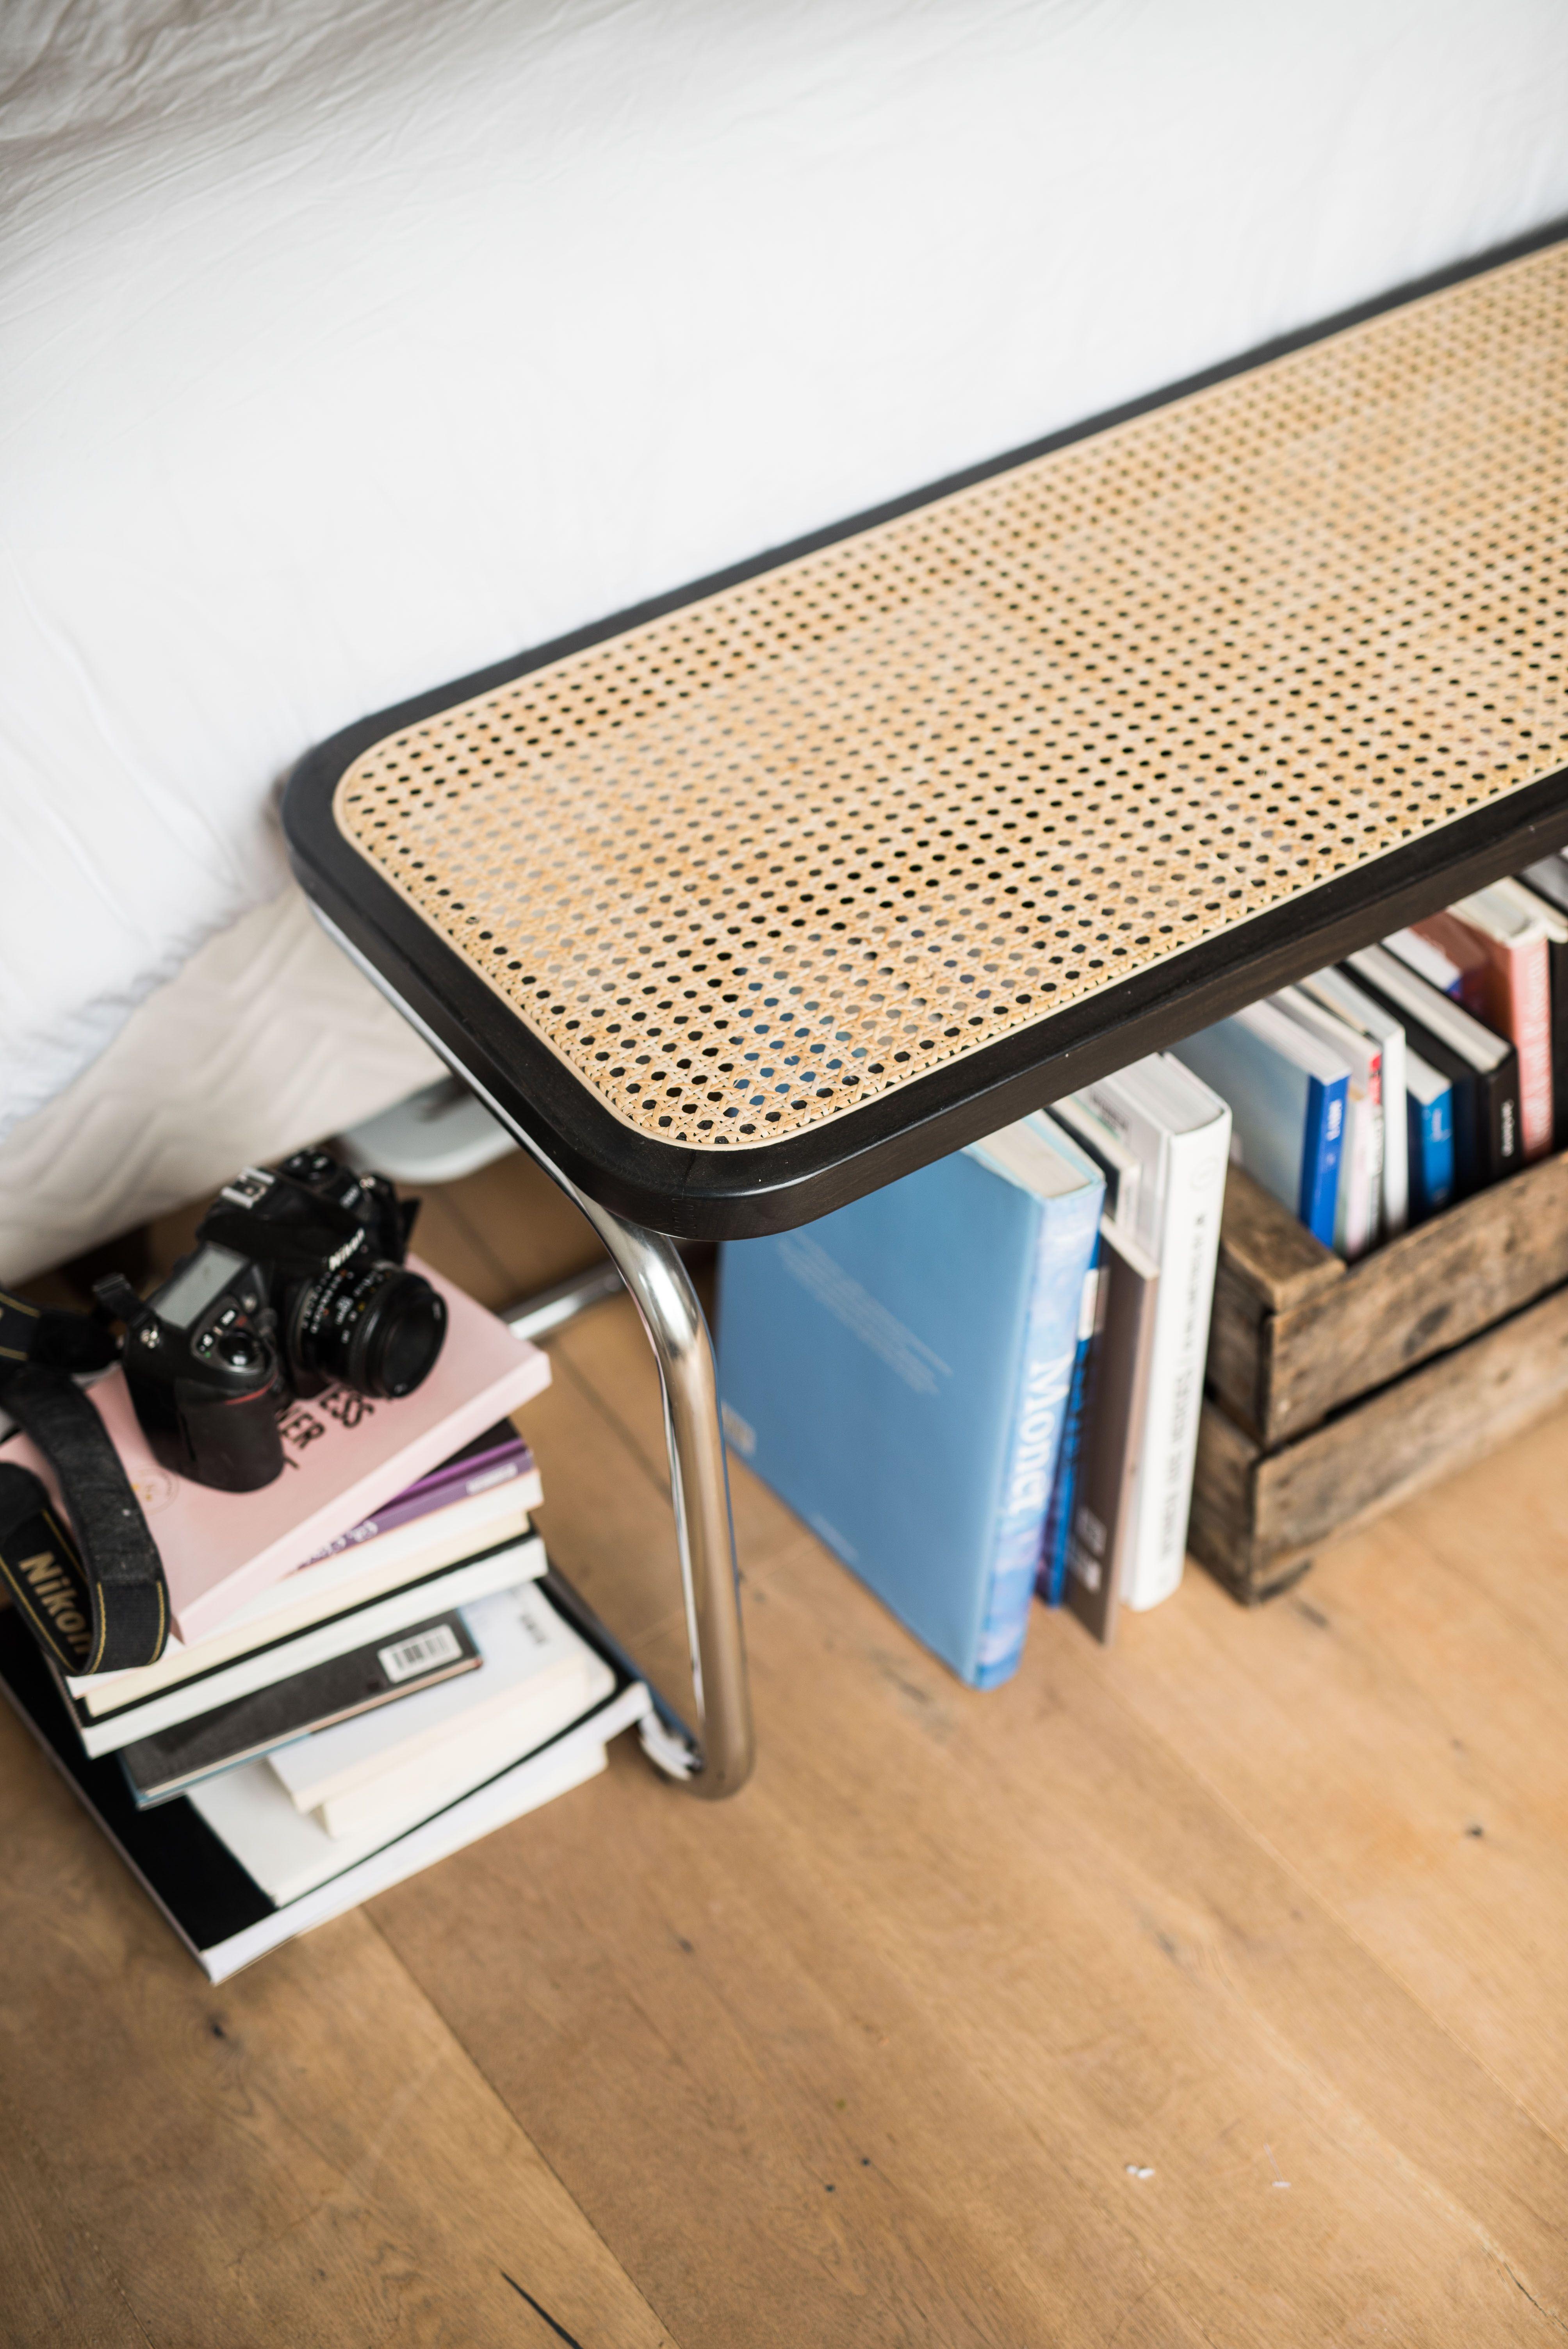 Banc panchina apartment interiors pinterest m bel for Minimalistische wohnungseinrichtung